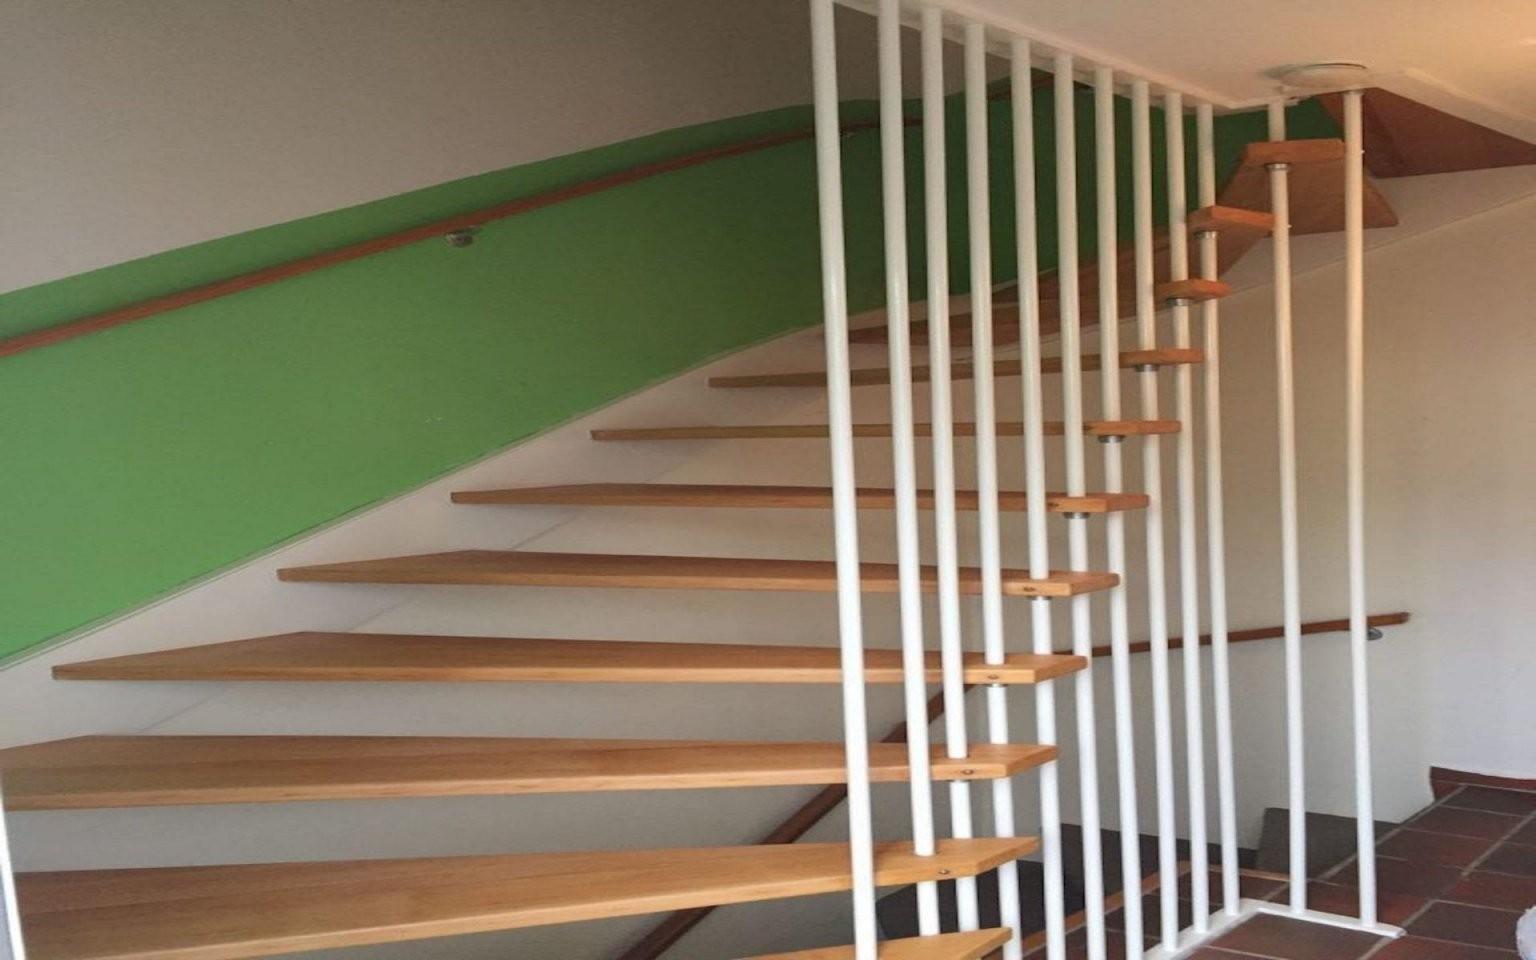 Wohnung Streichen Lassen Bei Renovierung Oder Auszug von Wohnung Streichen Lassen Kosten Bild